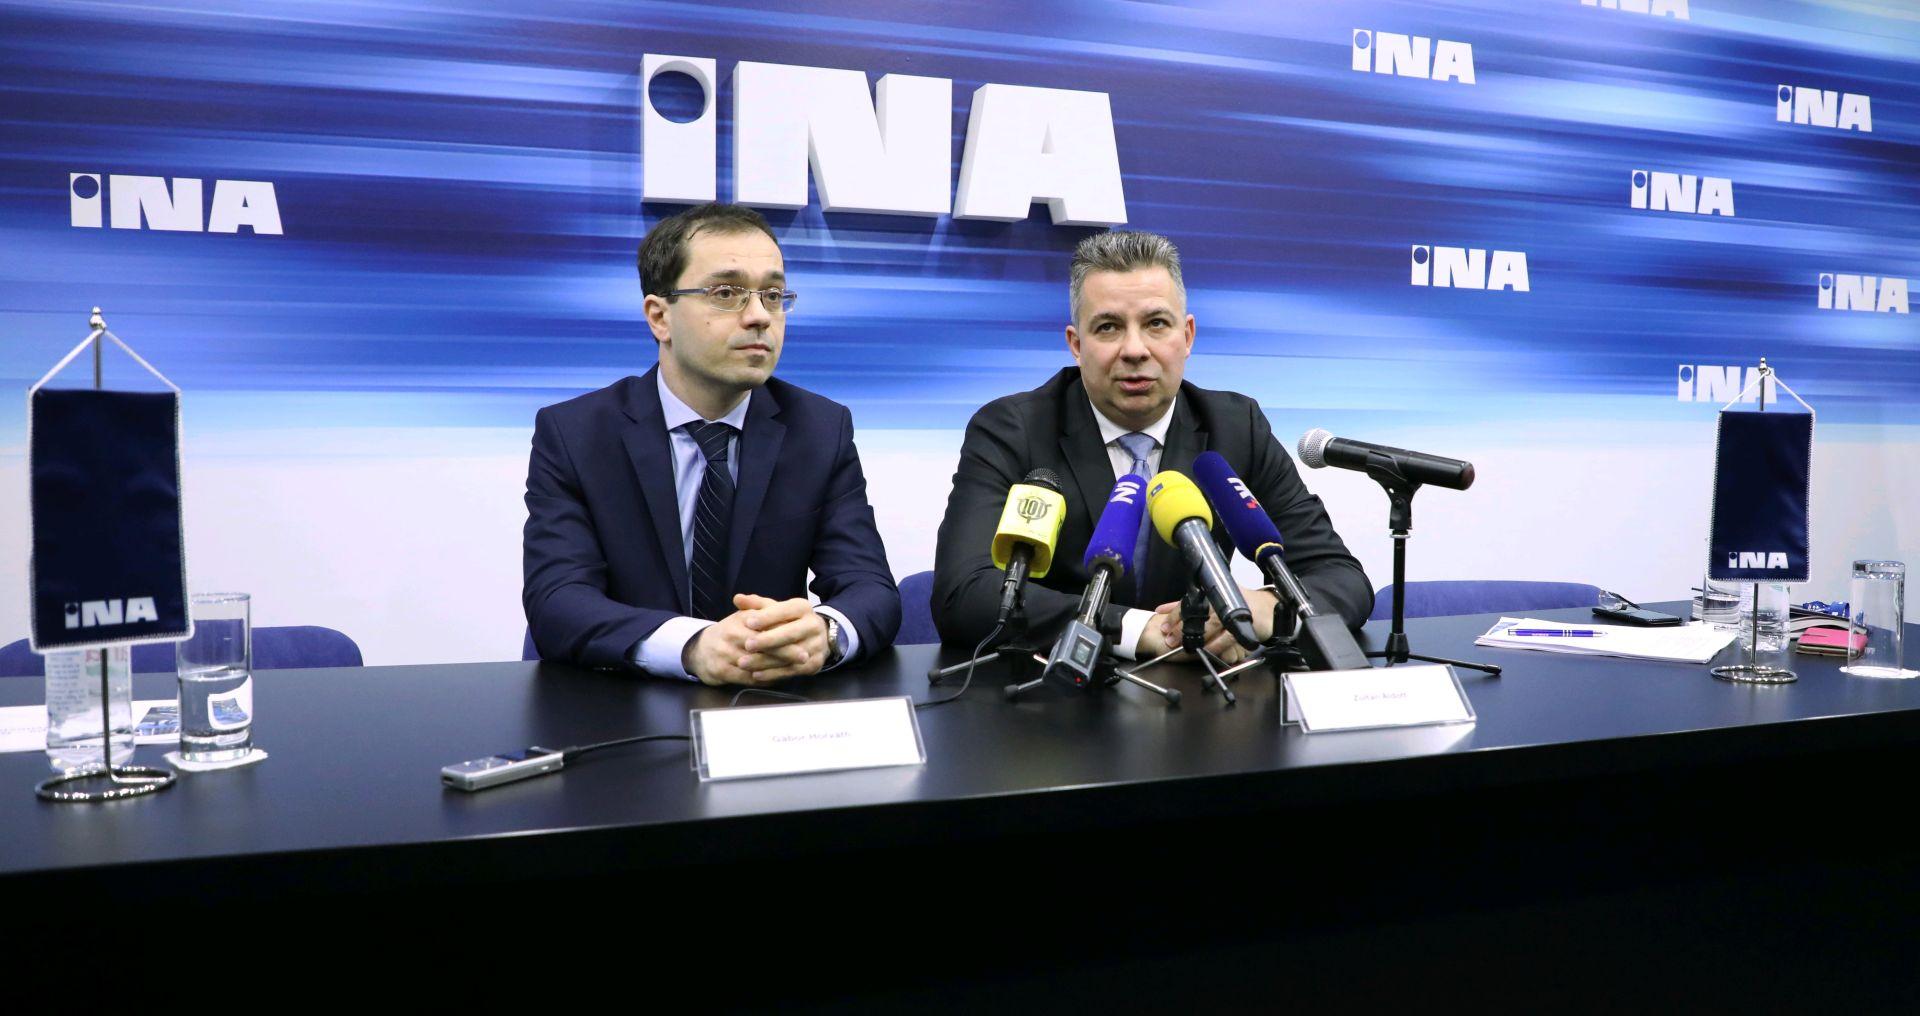 ALDOTT 'Rafinerija u Sisku i dalje opterećenje za poslovanje Ine'